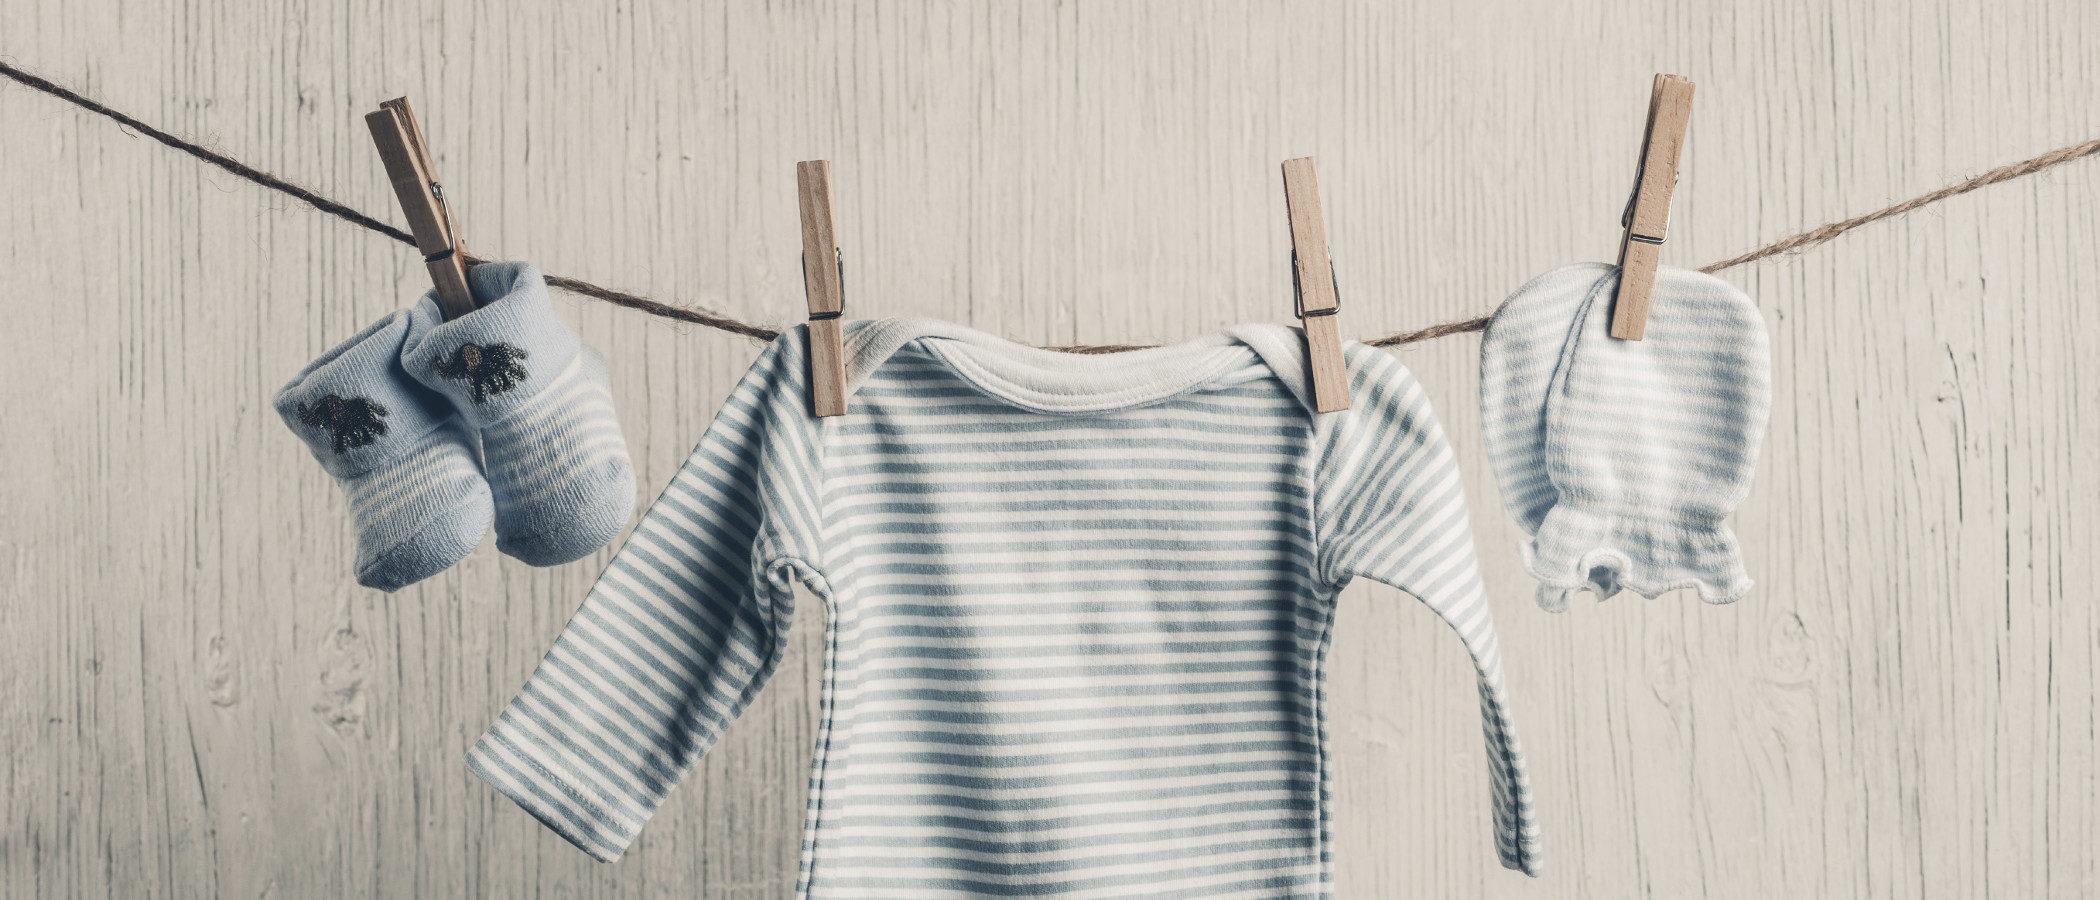 ¿Debo lavar la ropa del bebé antes de usarla?